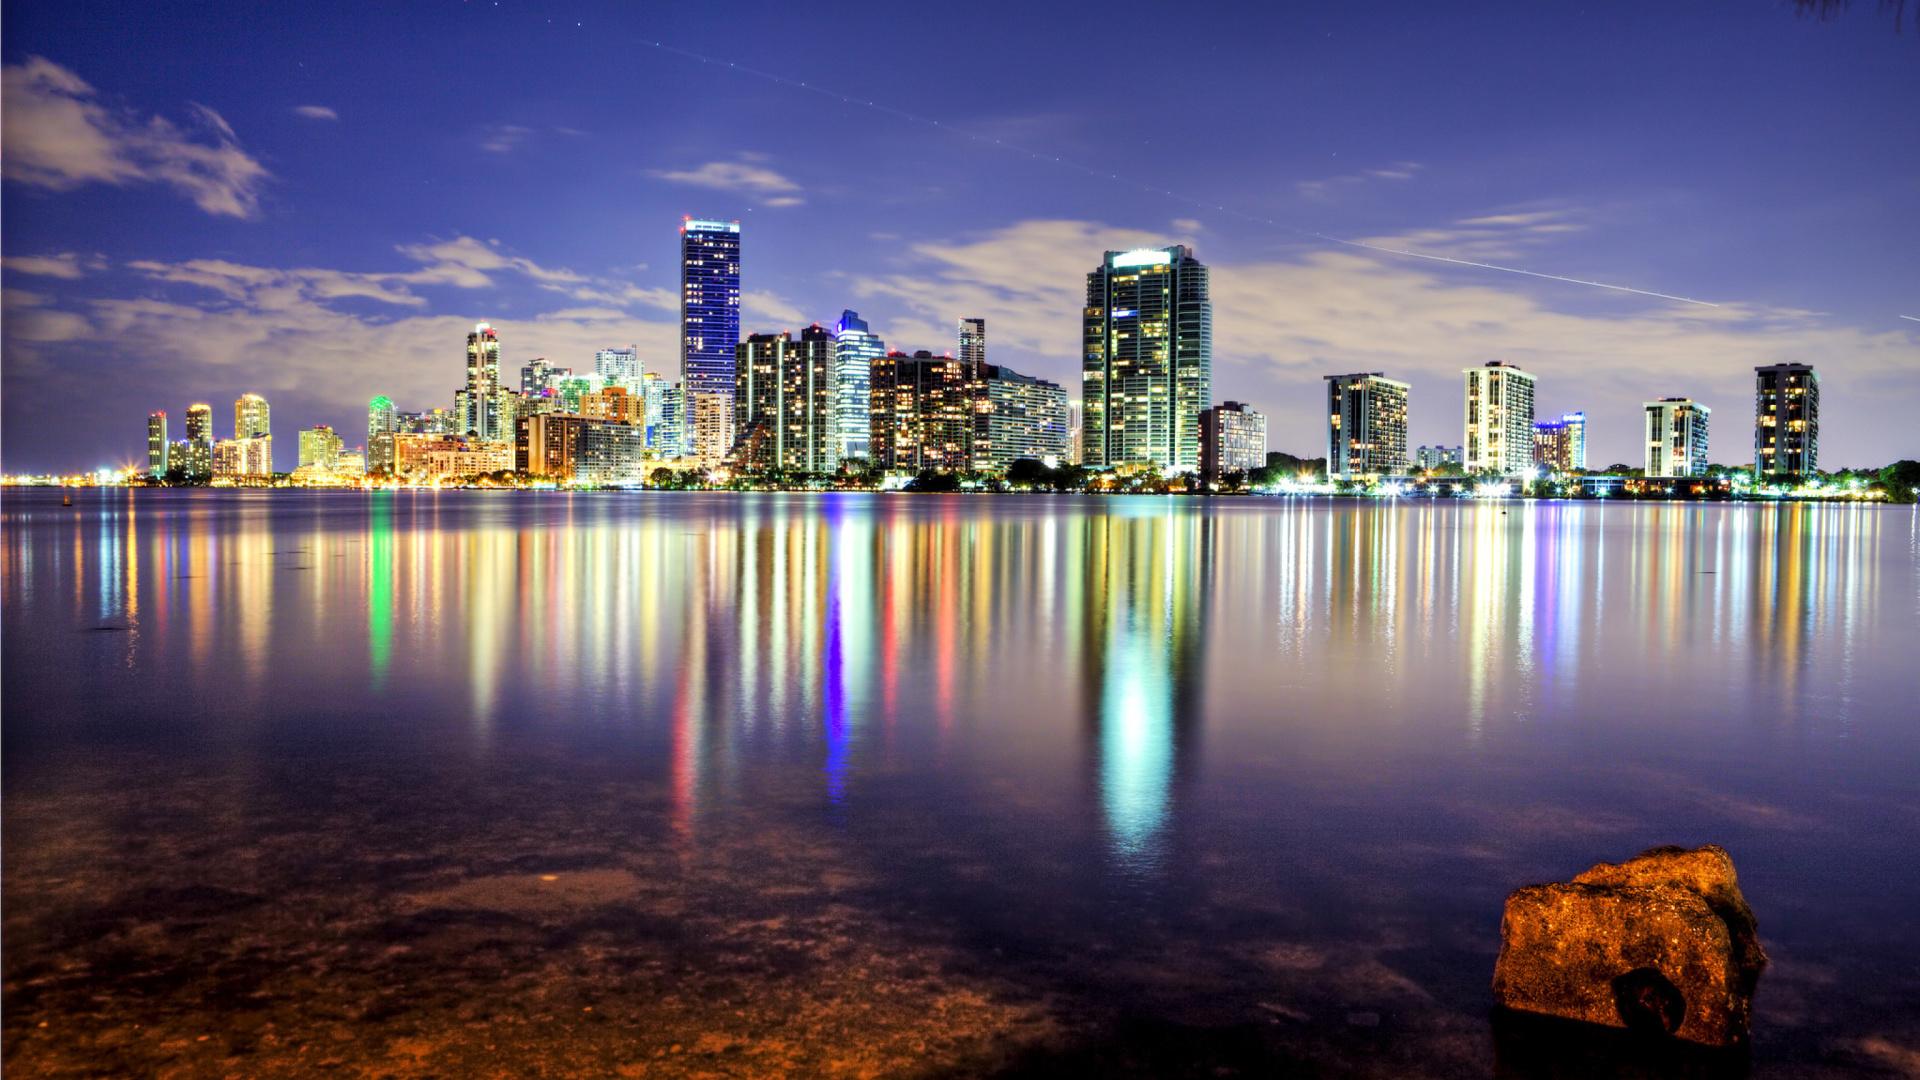 Miami florida houses fondos de pantalla gratis para for Fondos de escritorio full hd